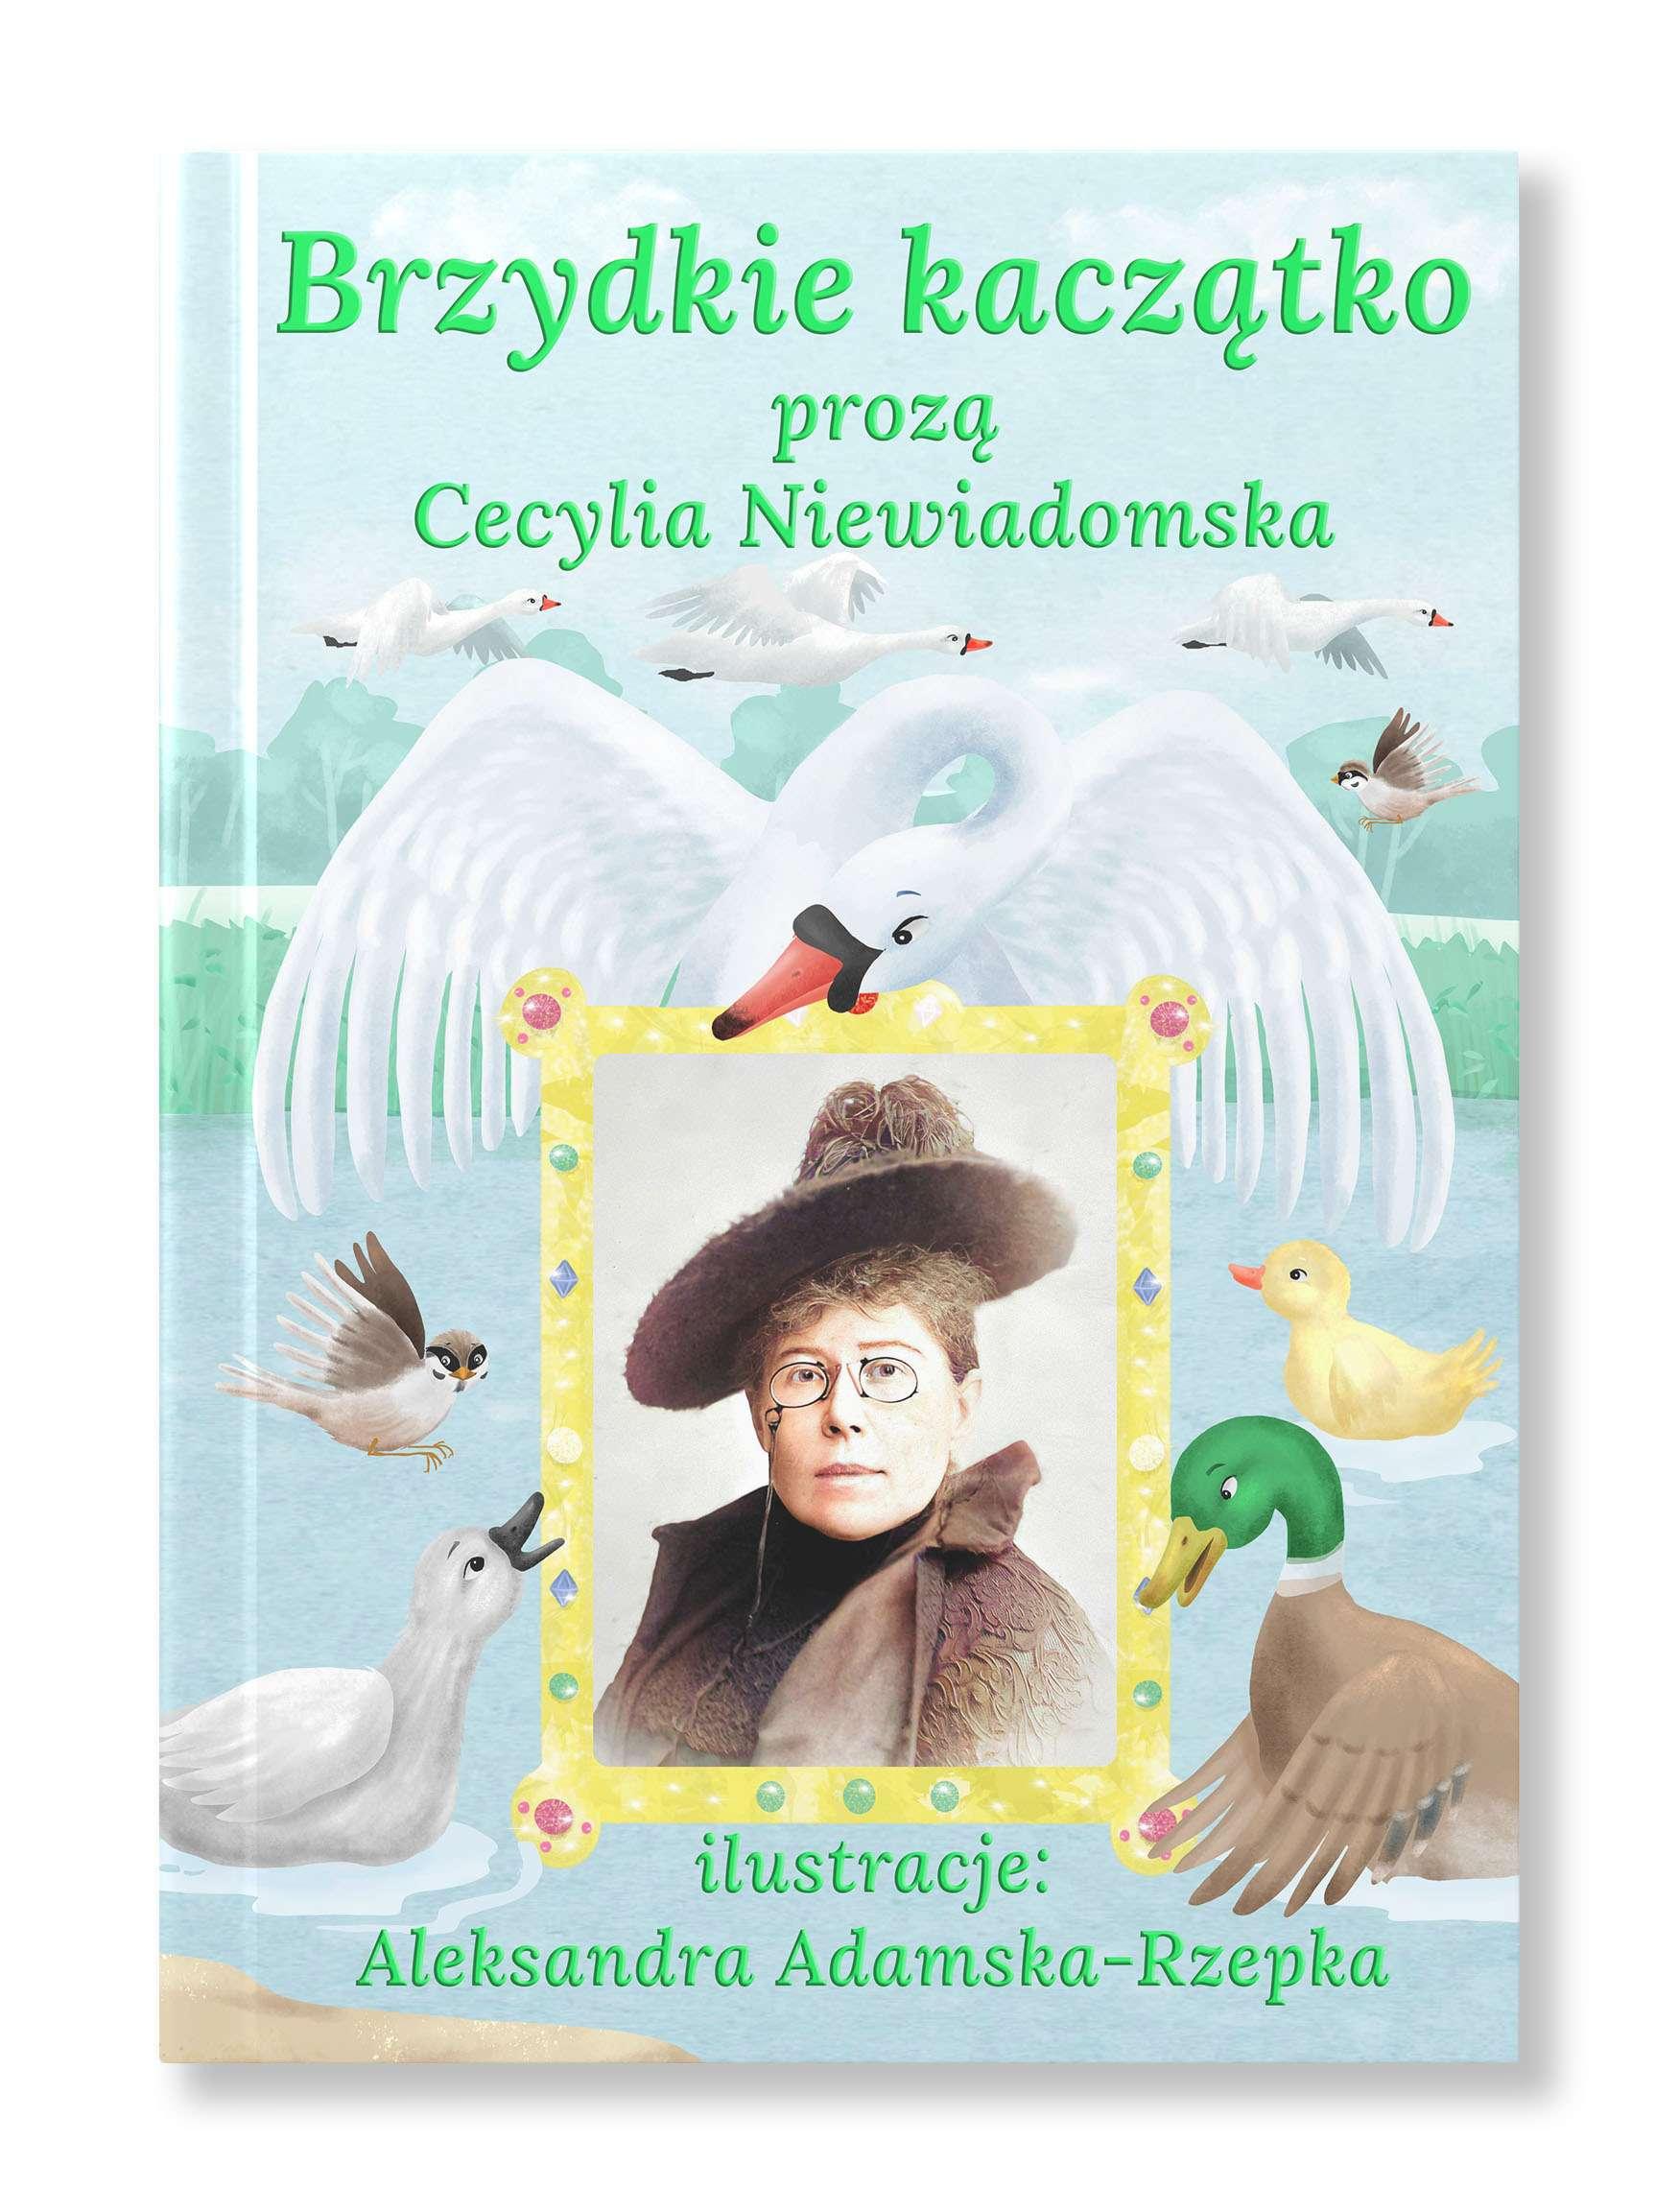 brzydkie-kaczczatko-proza-z-foto (1)